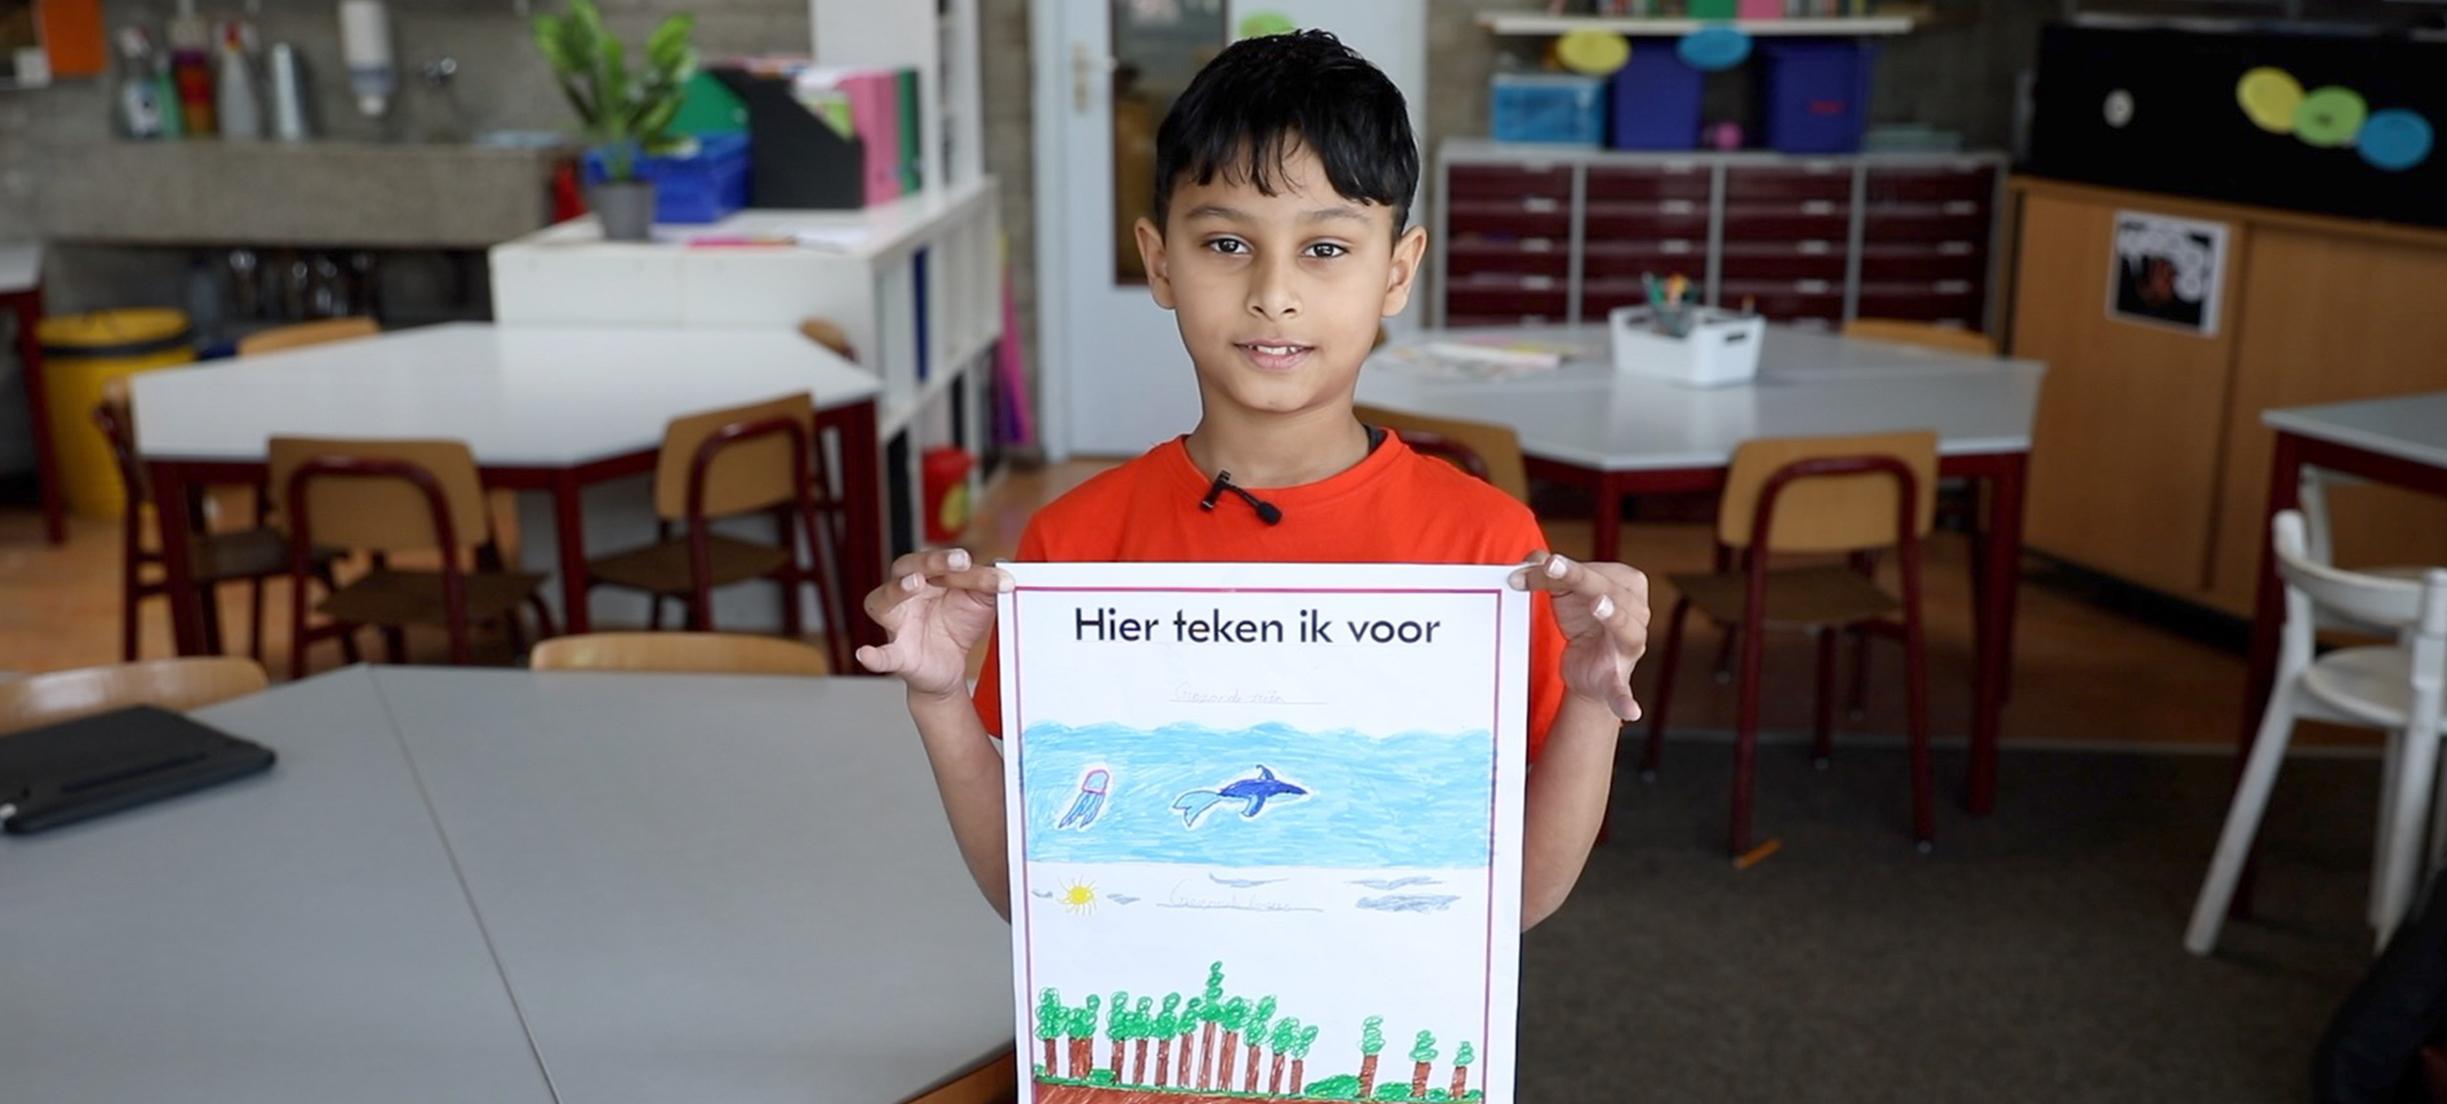 De klas van meester Thijs tekent voor een duurzaam regeerakkoord